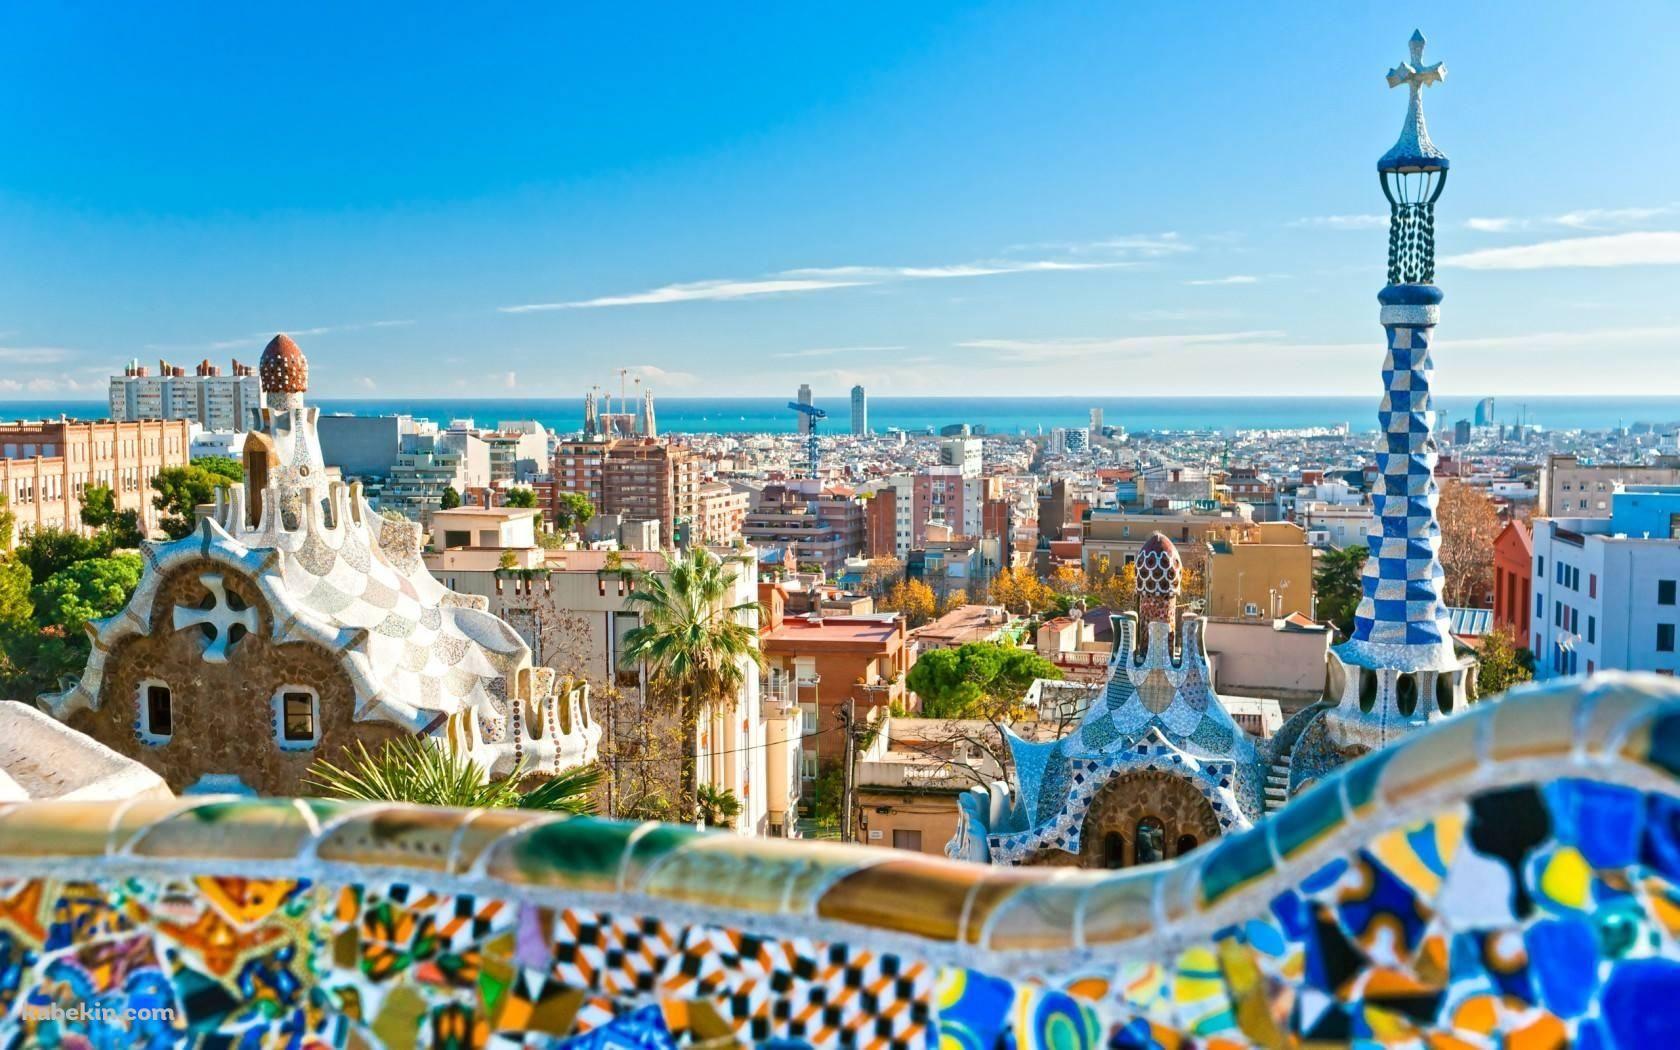 バルコニーから観る美麗な景観 1680 X 1050 の壁紙 壁紙キングダム Pc デスクトップ版 旅行 スペイン バルセロナおすすめ観光スポット